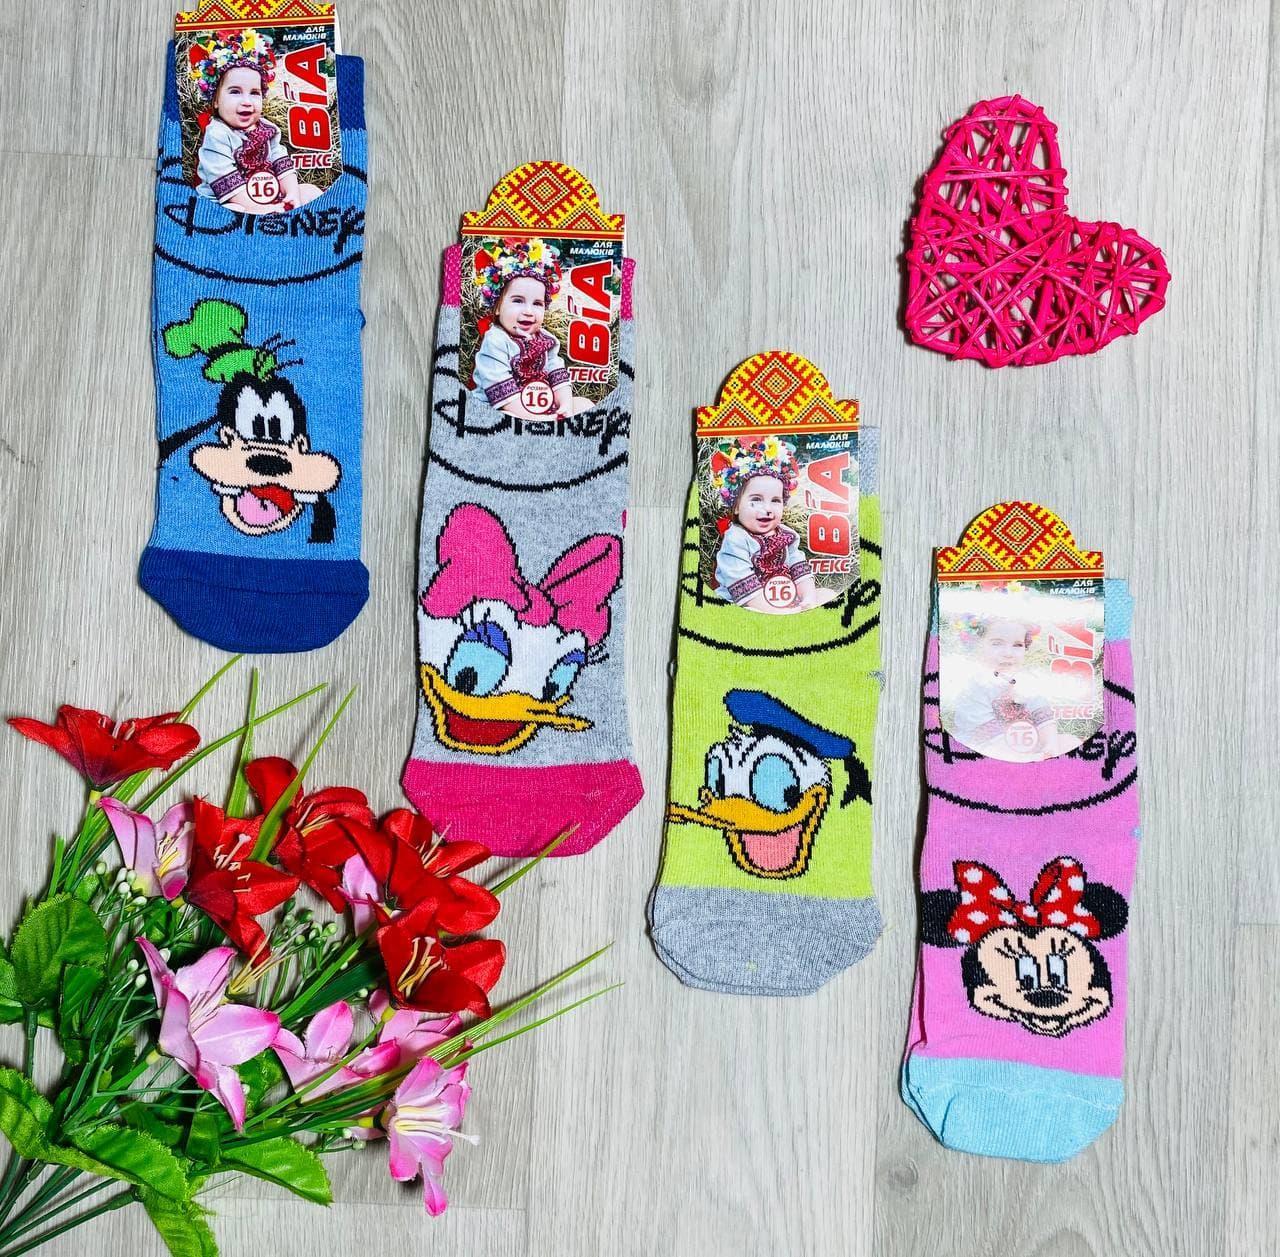 Шкарпетки дитячі демісезонні з бавовни унісекс ВиАтекс розмір 16(26-28) асорті